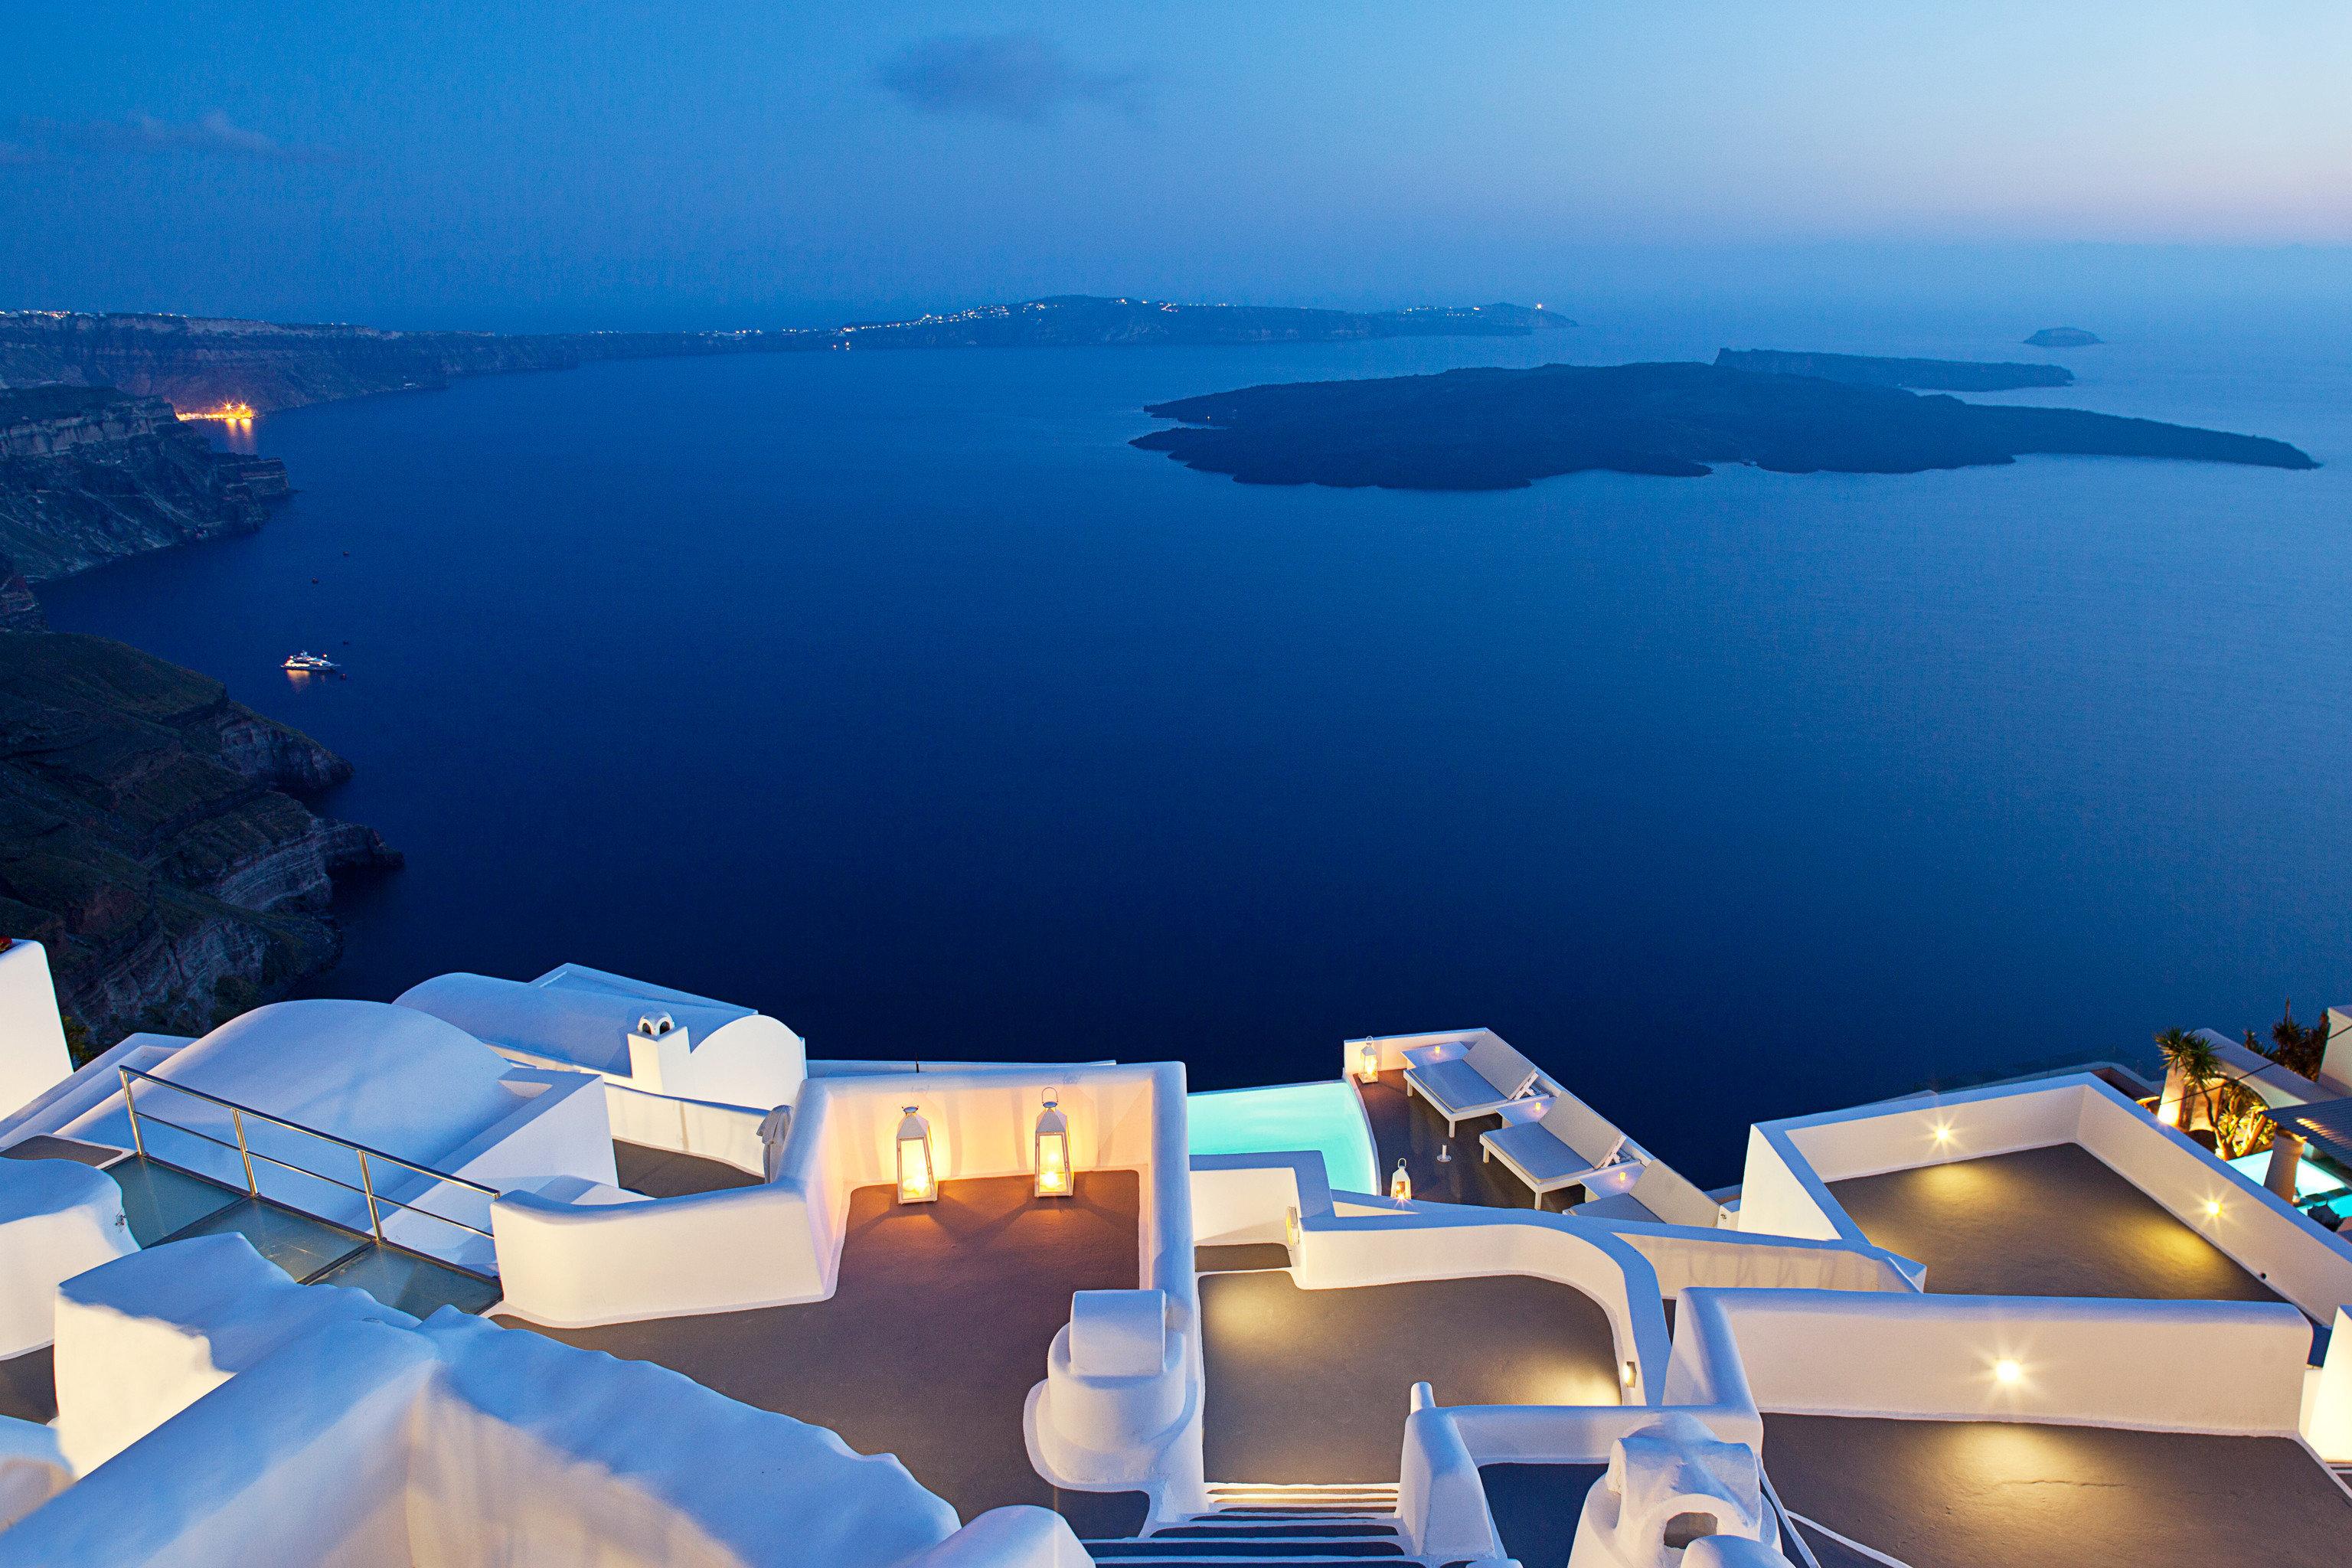 Beachfront Elegant Luxury Modern Ocean Pool Scenic views sky water Boat Sea atmosphere of earth blue Nature screenshot overlooking